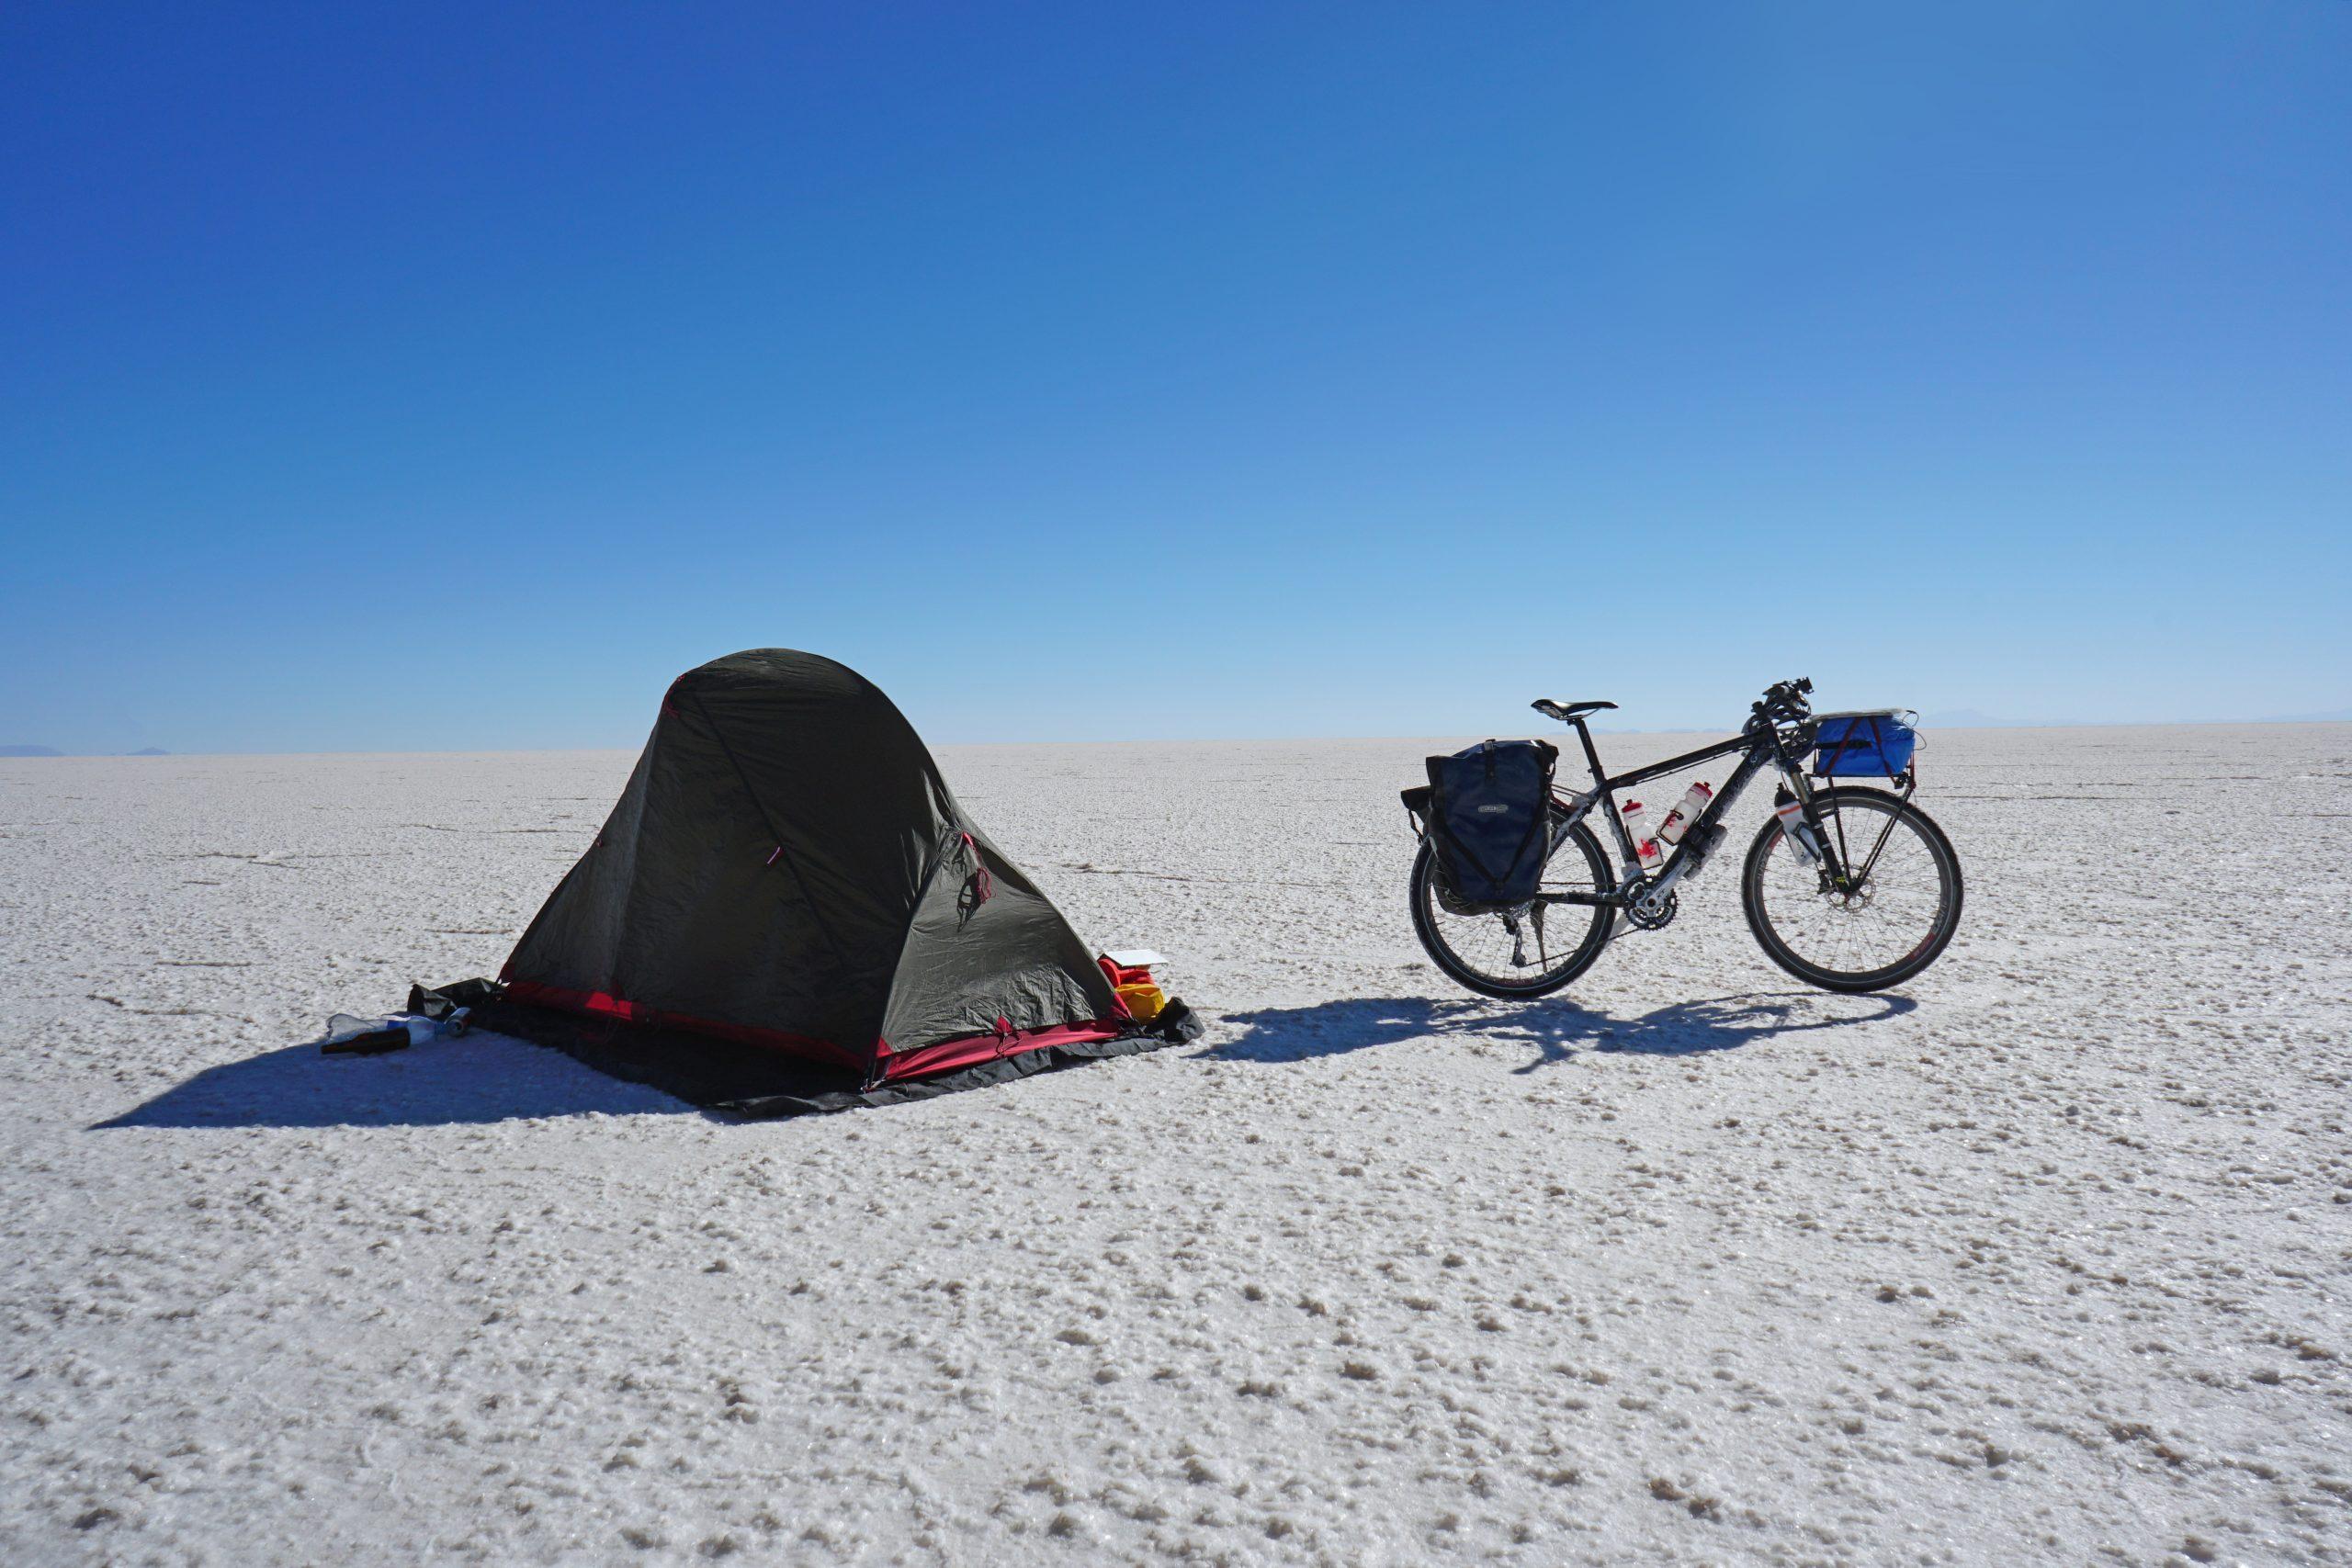 Radreise Südamerika 2019 - Salar de Uyuni - Zeltplatz